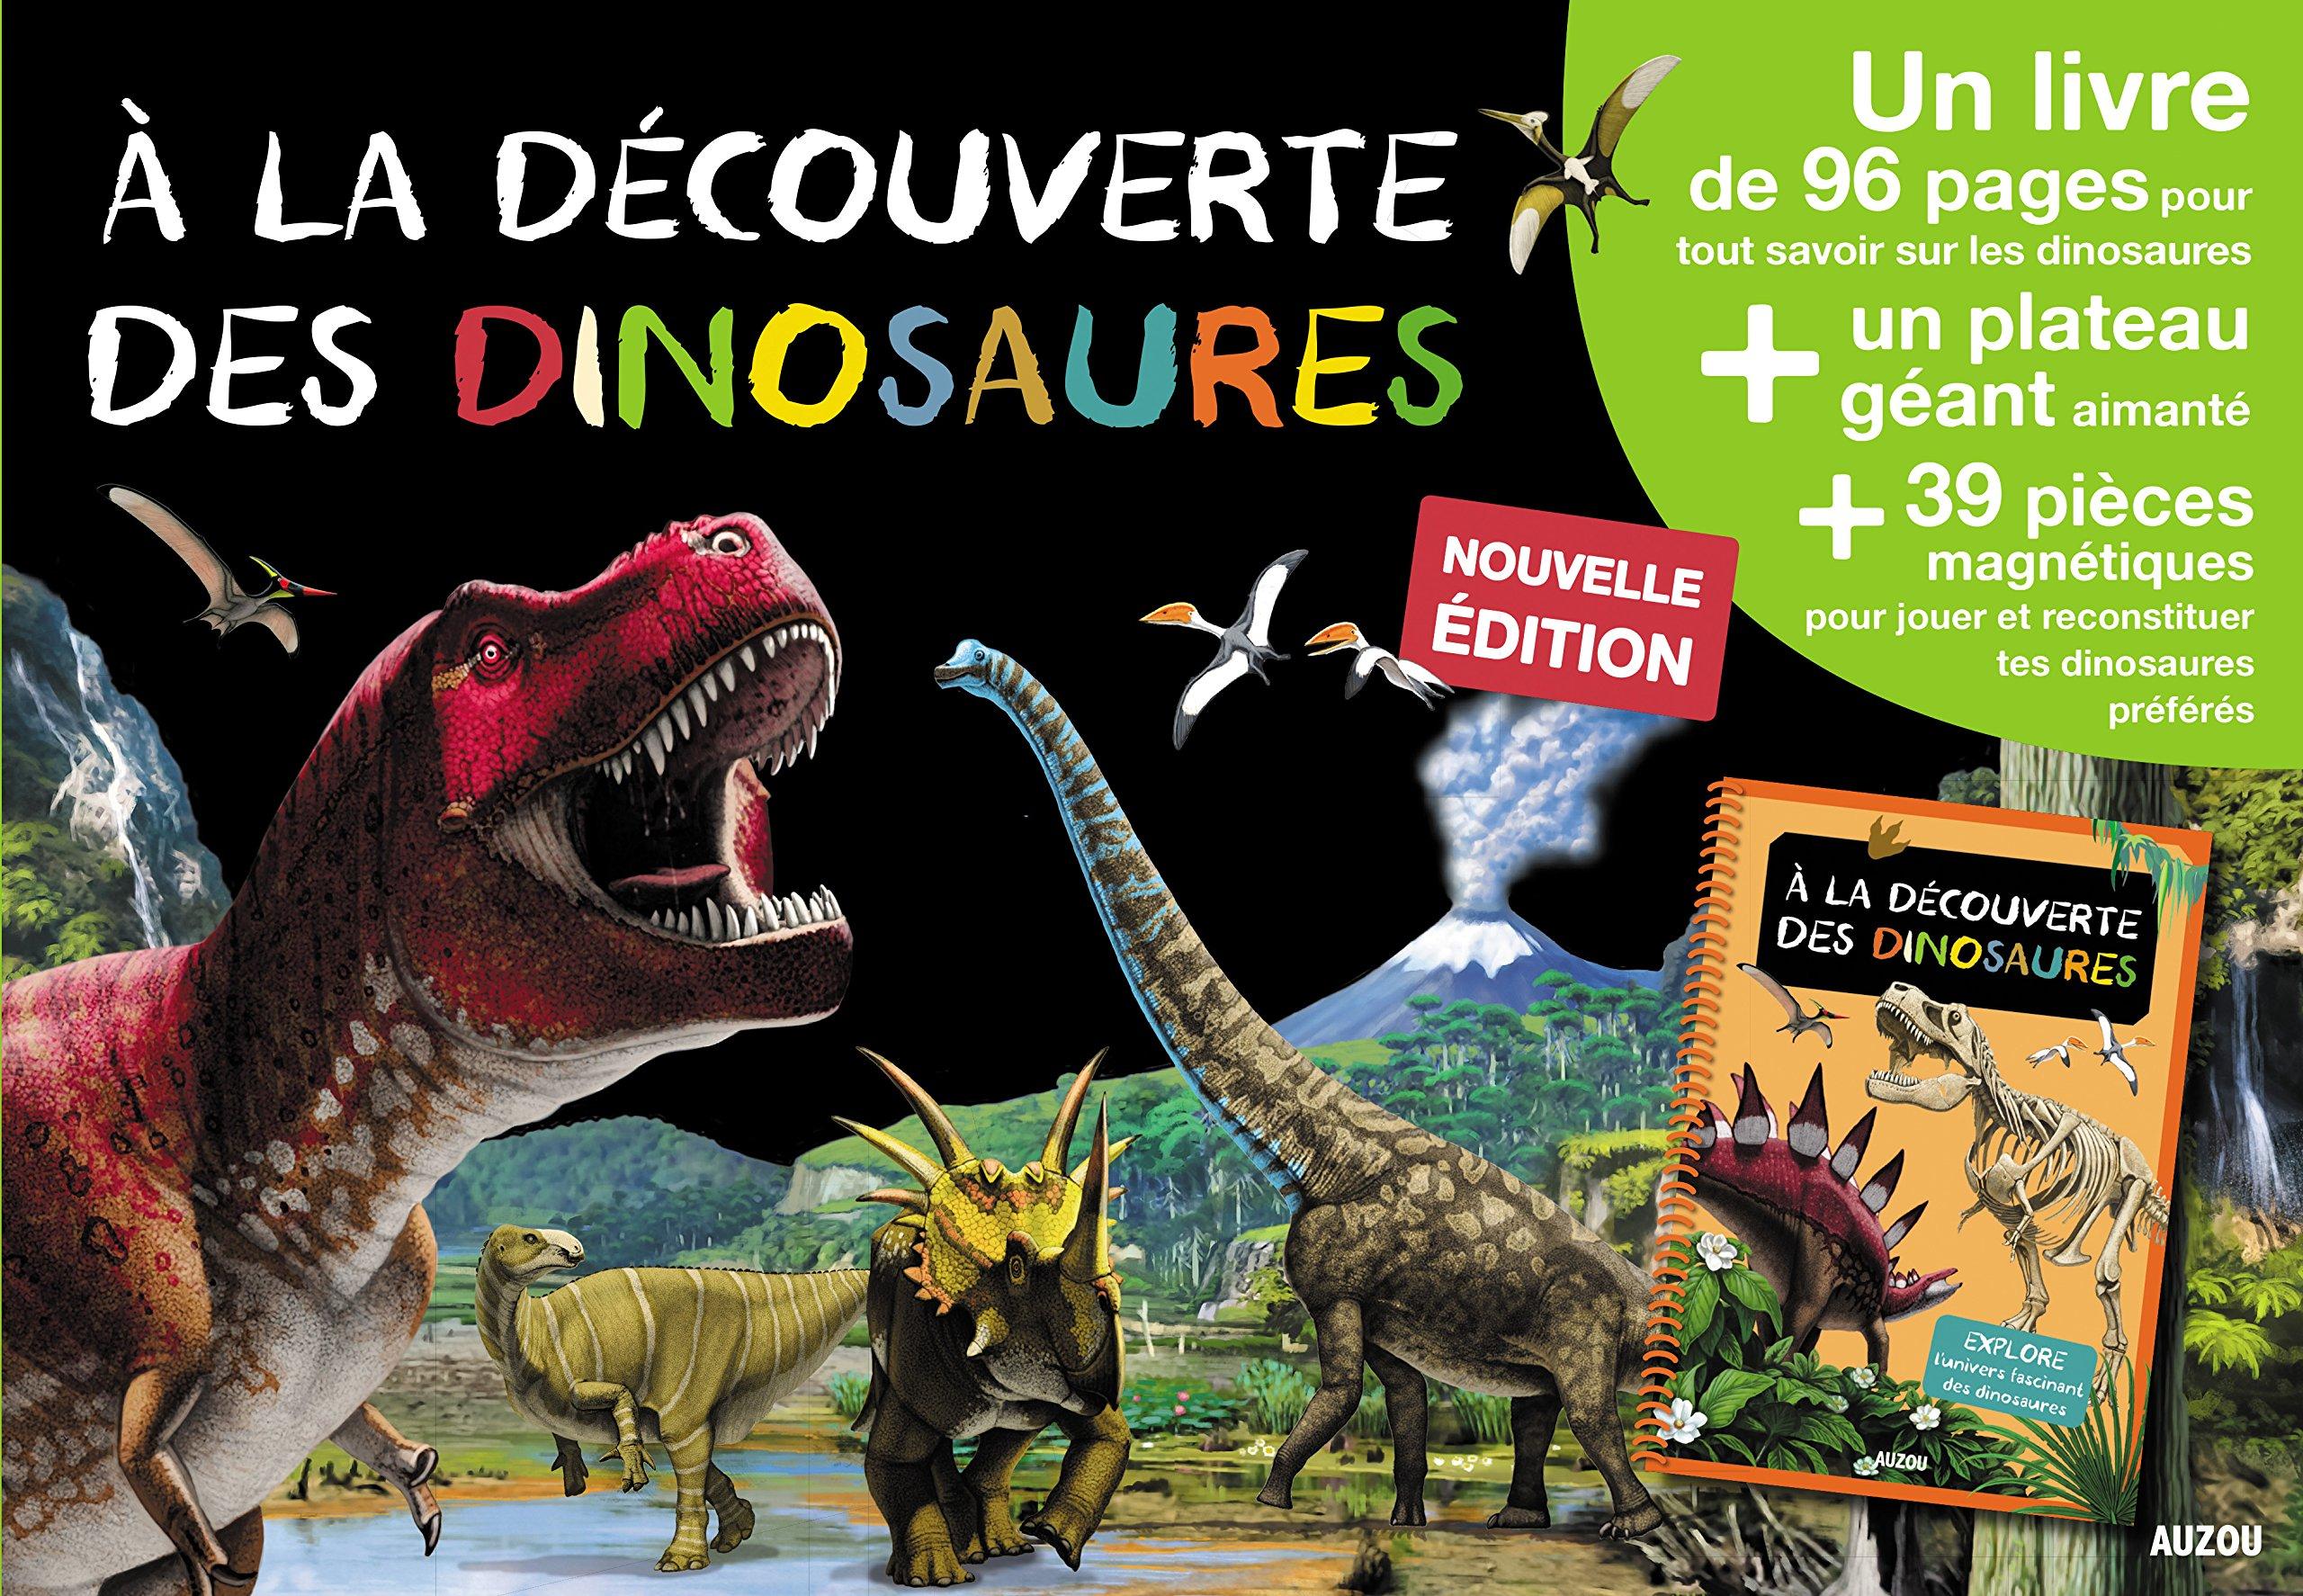 A La Decouverte Des Dinosaures Un Livre Un Plateau Geant